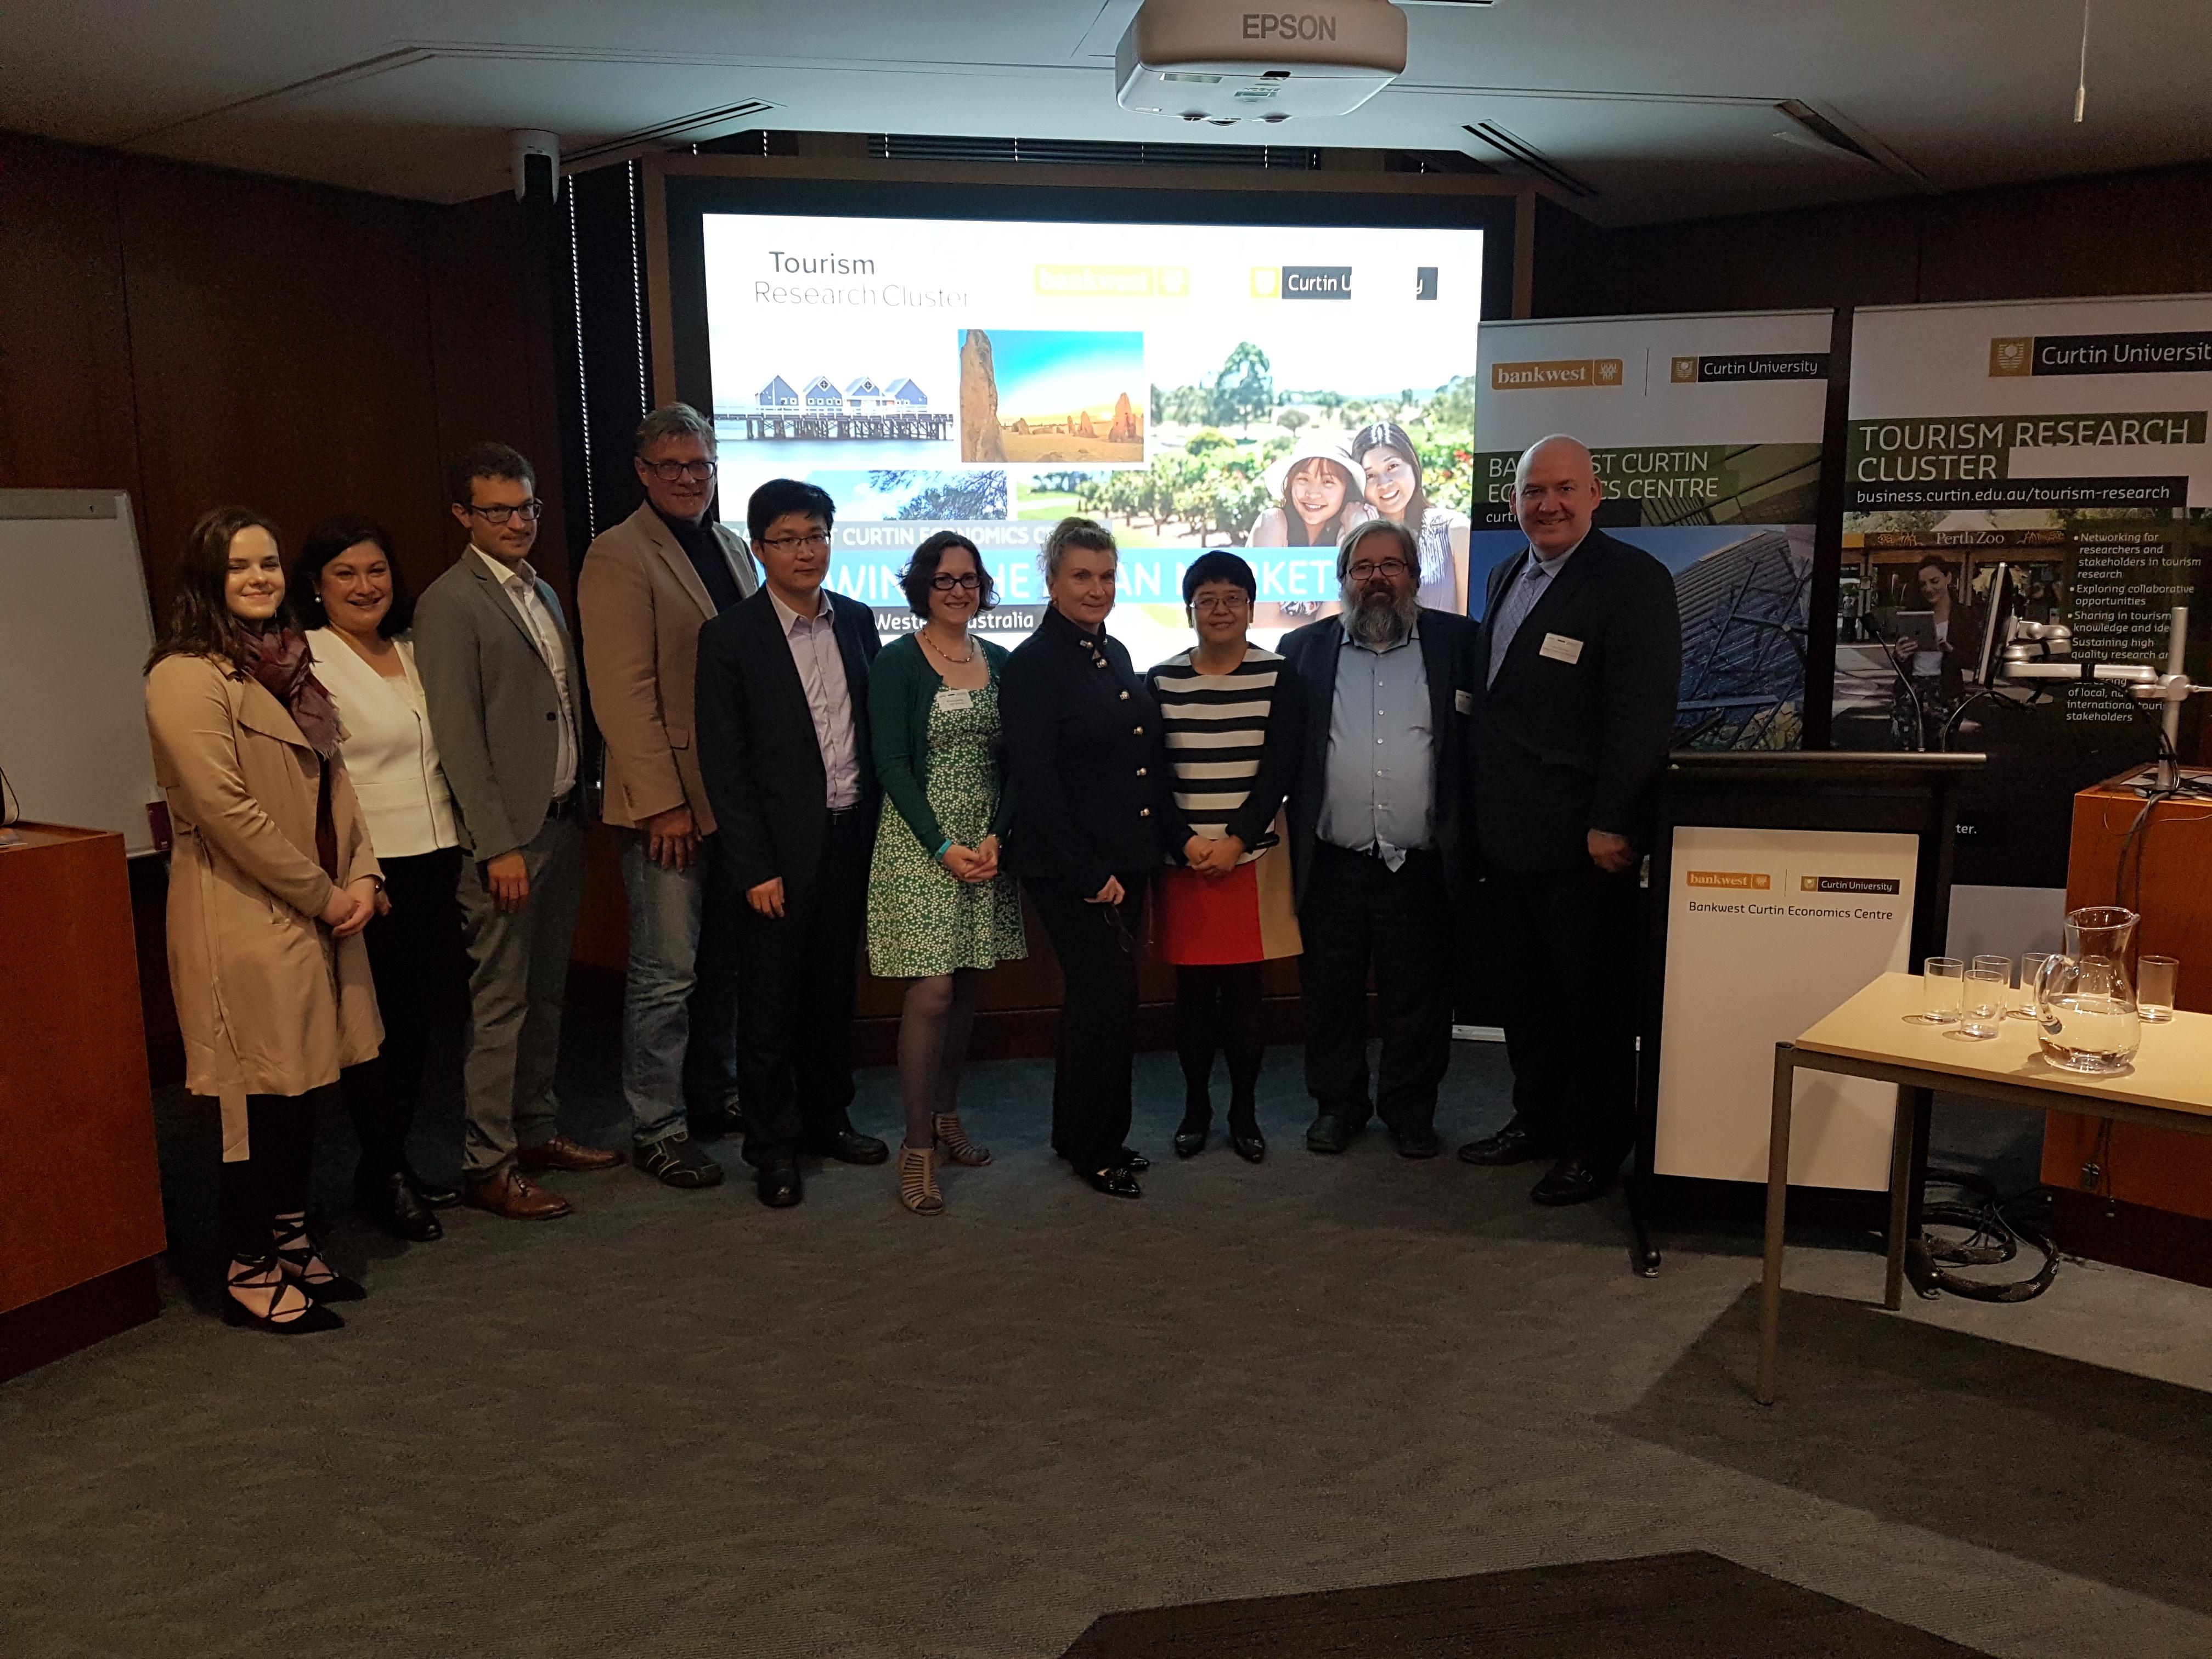 Photo of speakers at Tourism Symposium